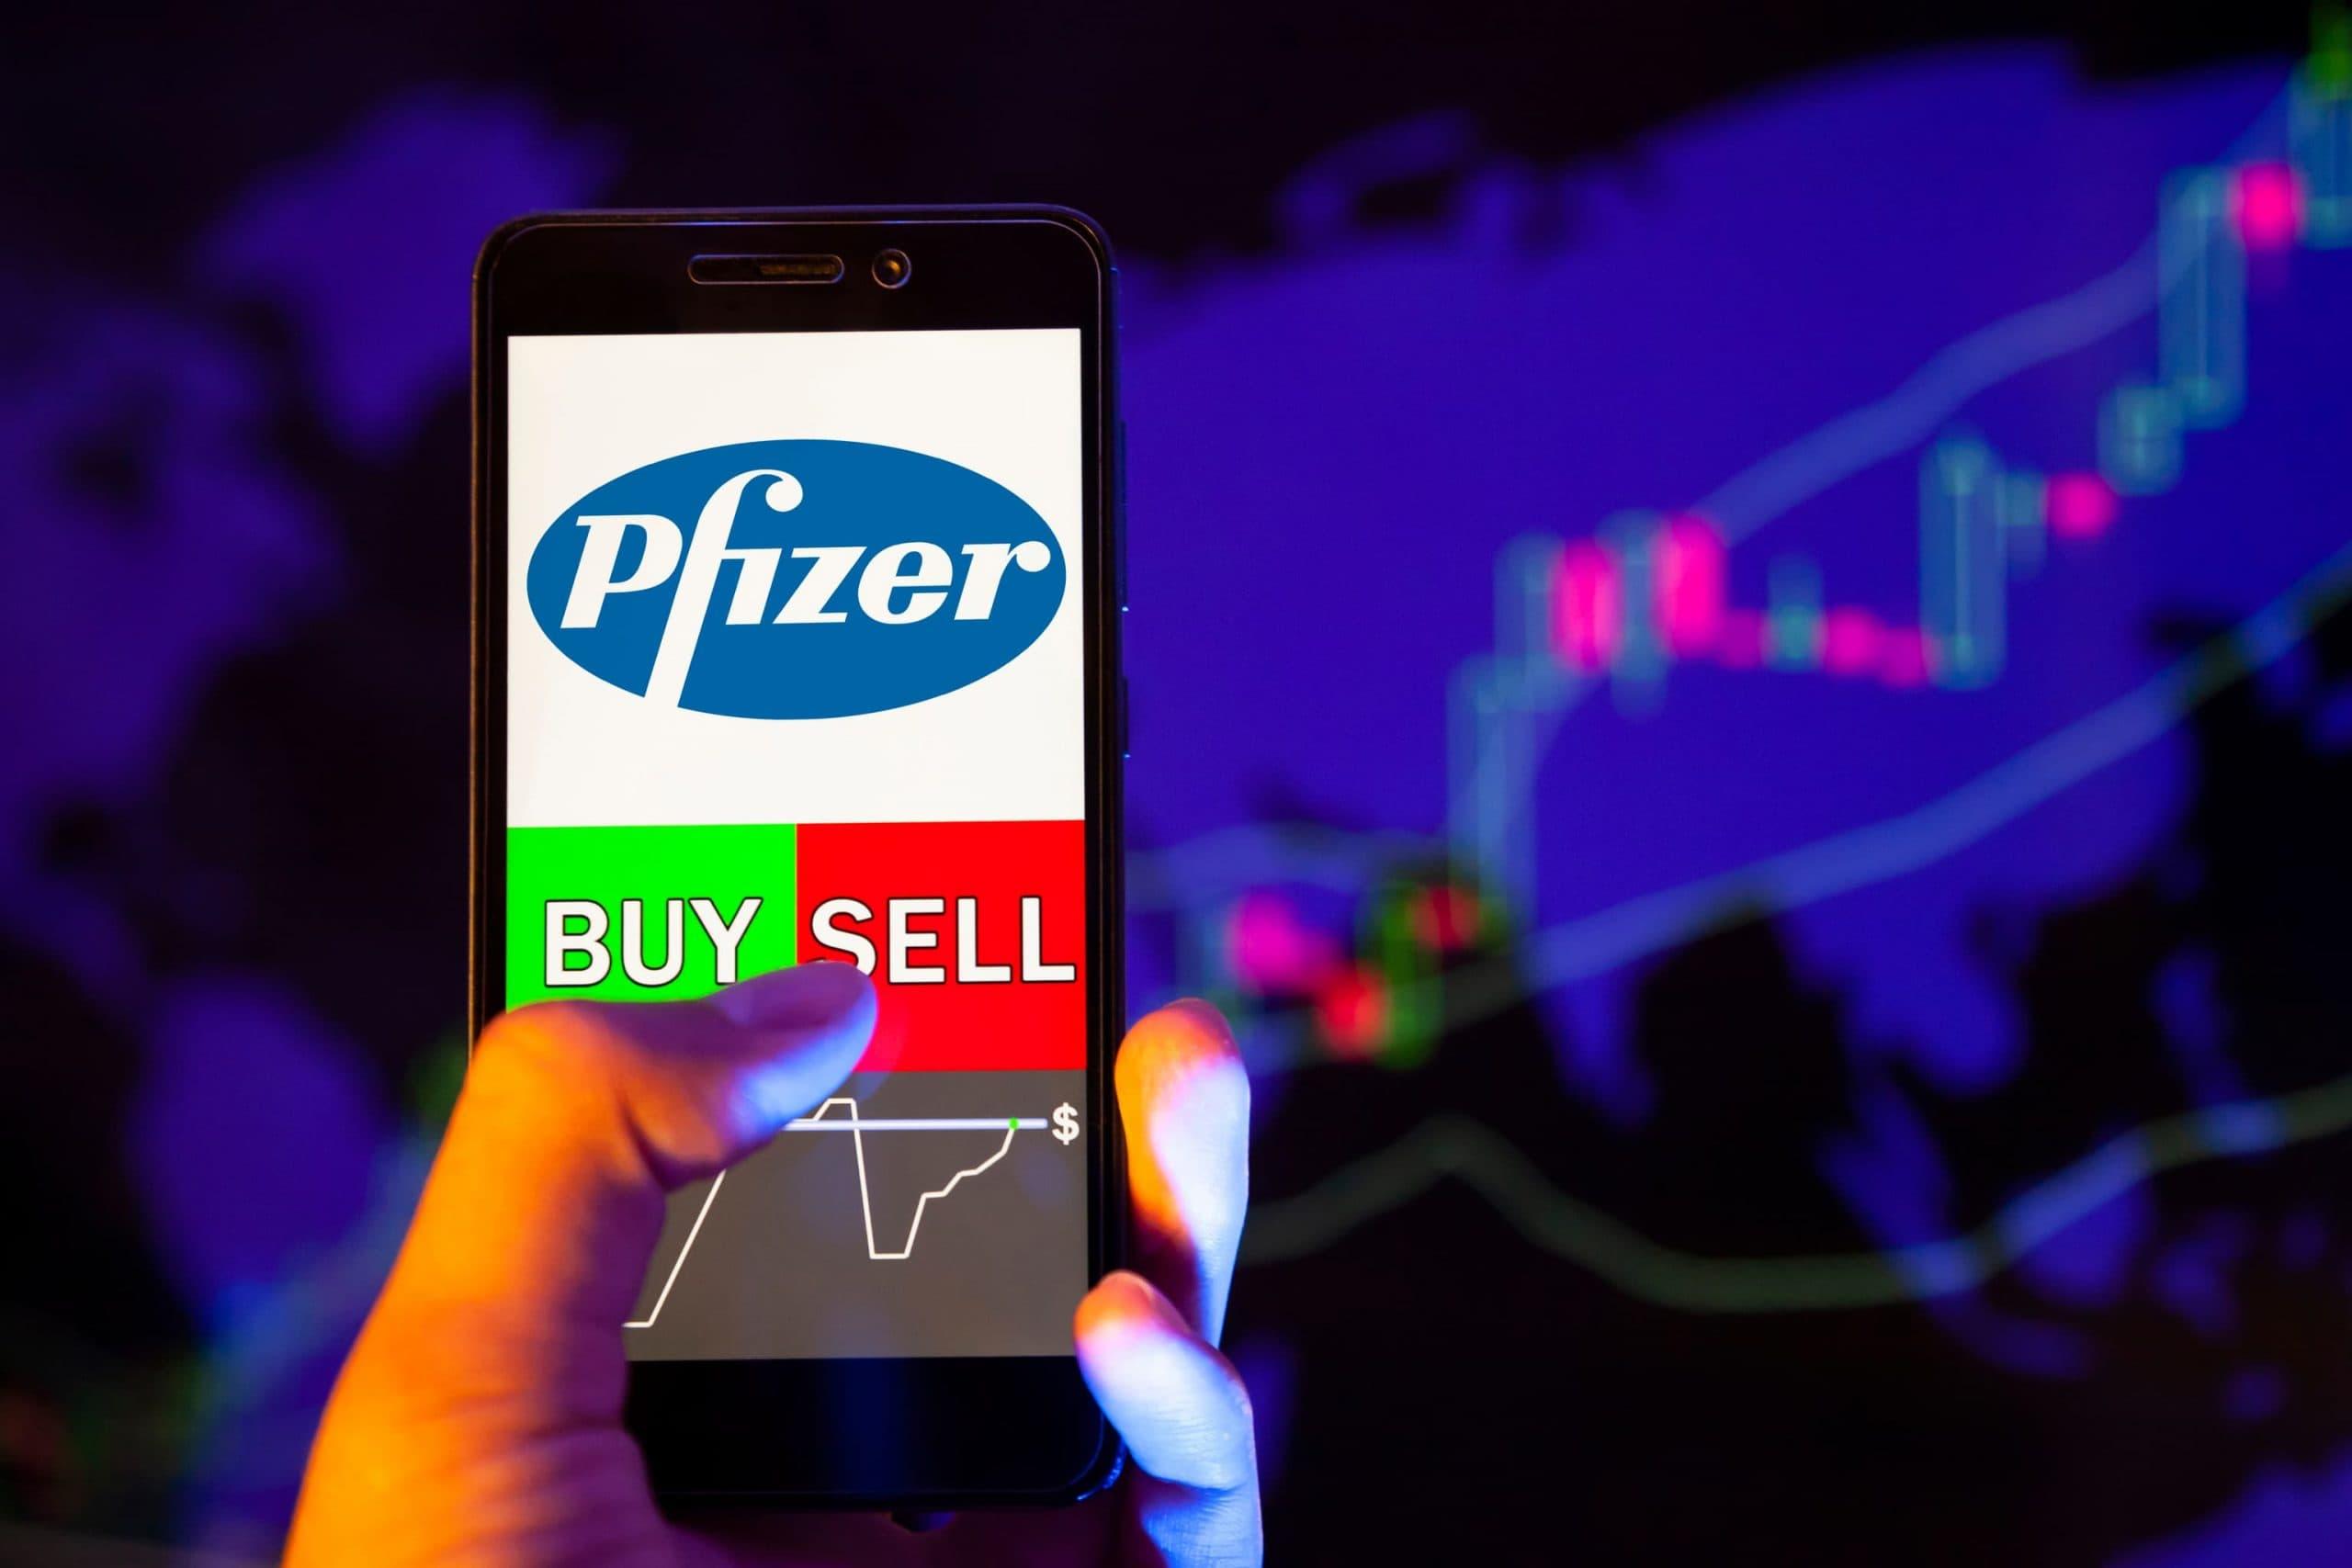 Illustration einer Trading-App mit Pfizer-Logo, im Hintergrund ein Börsenchart